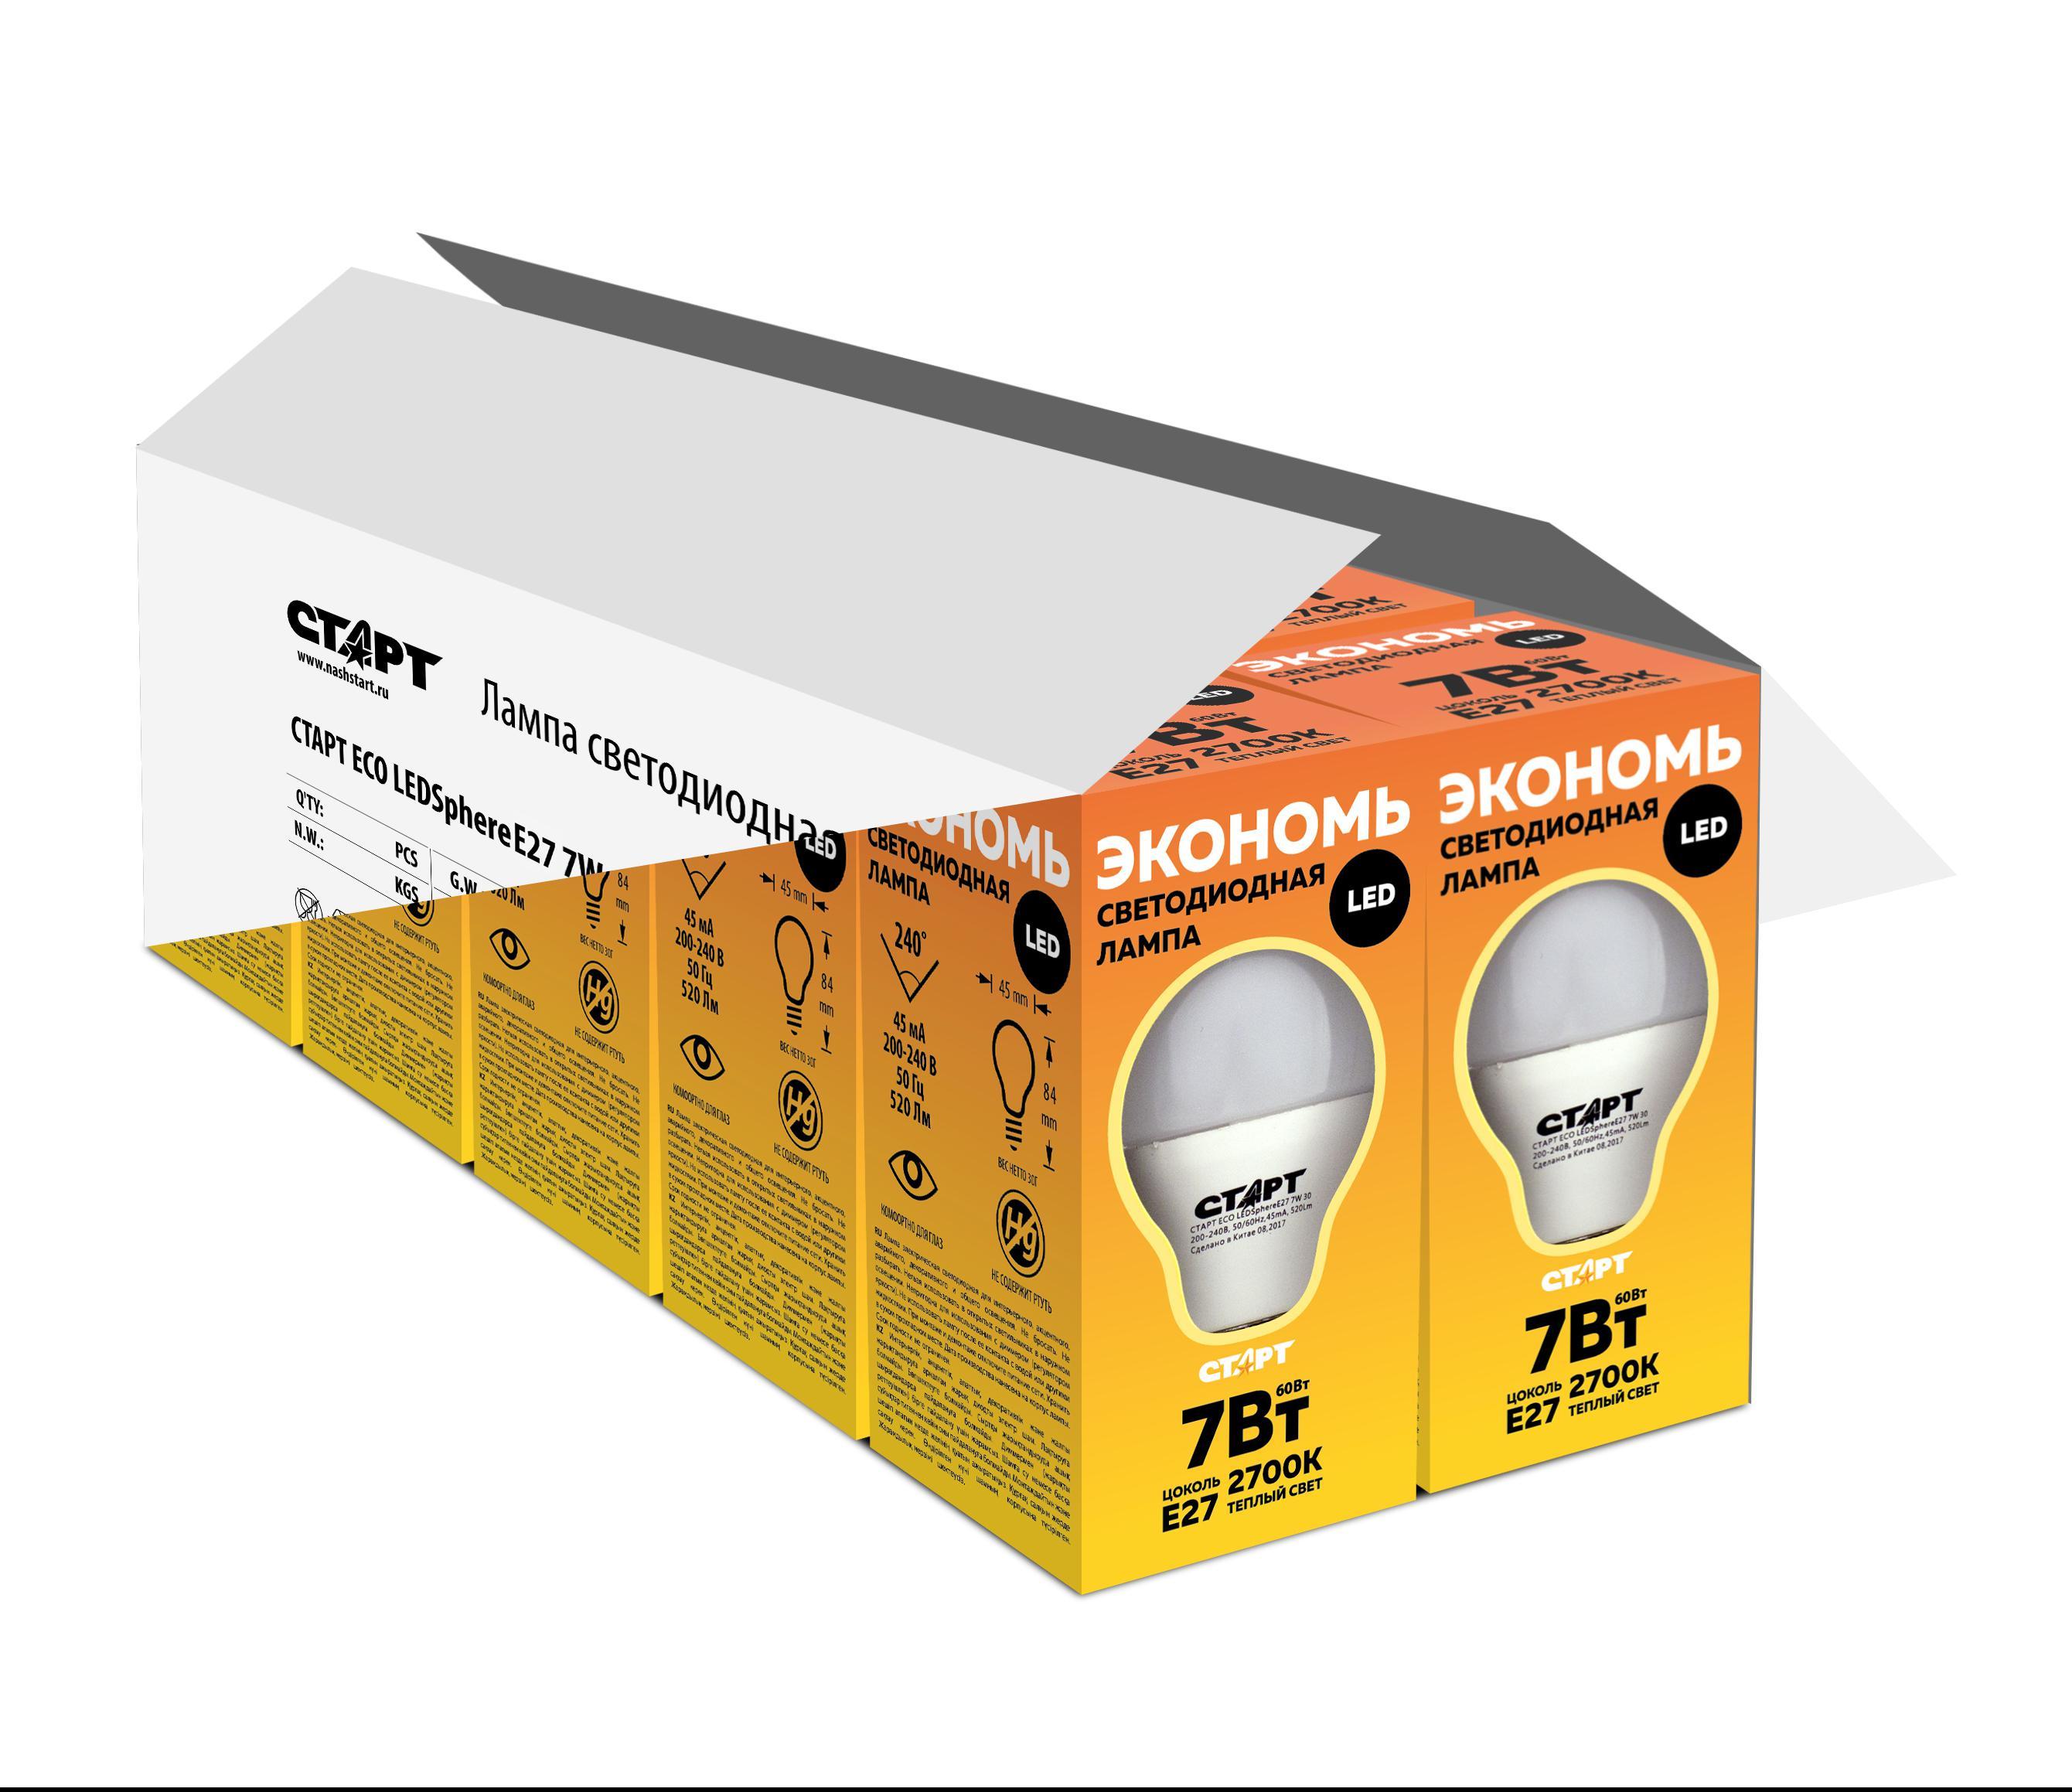 Лампа светодиодная СТАРТ Eco ledsphere e27 7w 3000К тепл свет. ПРОМОНАБОР светодиодная лампа kosmos теплый свет цоколь e27 7w 220v lksm led7wr63e2730